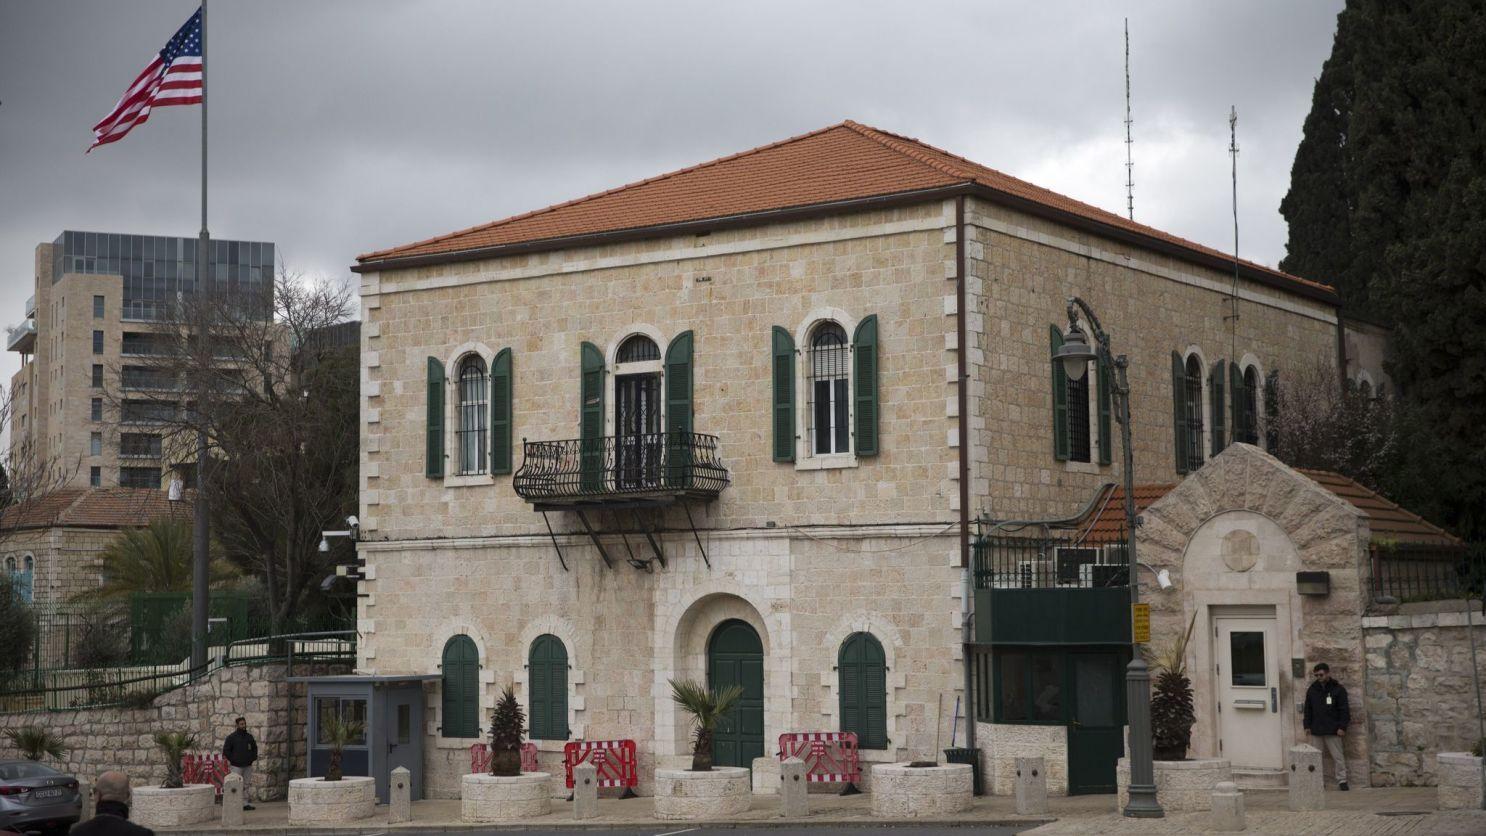 «Δεν είναι καλή ιδέα» λέει το Ισραήλ για την πρόθεση Μπάιντεν να ανοίξει ξανά το προξενείο στην Ιερουσαλήμ